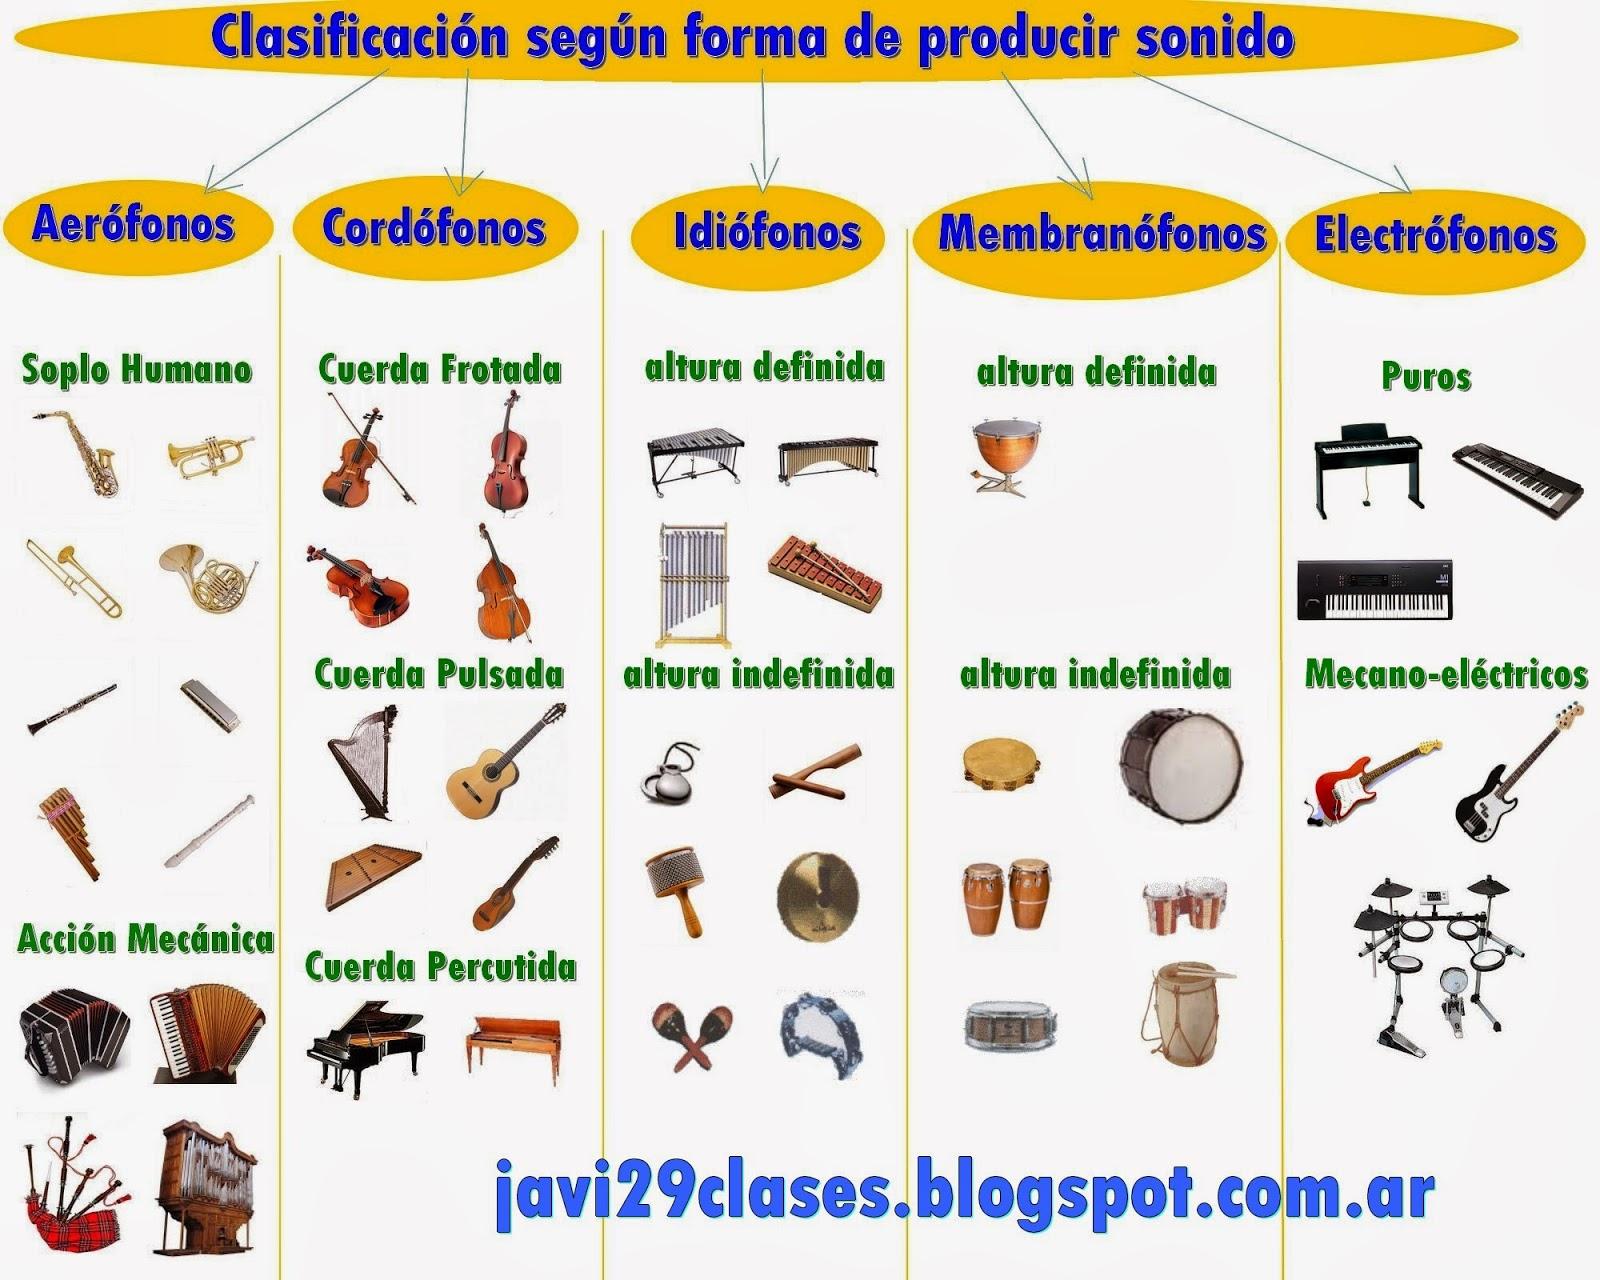 Clasificación moderna de instrumentos musicales segun forma de producir sonidos